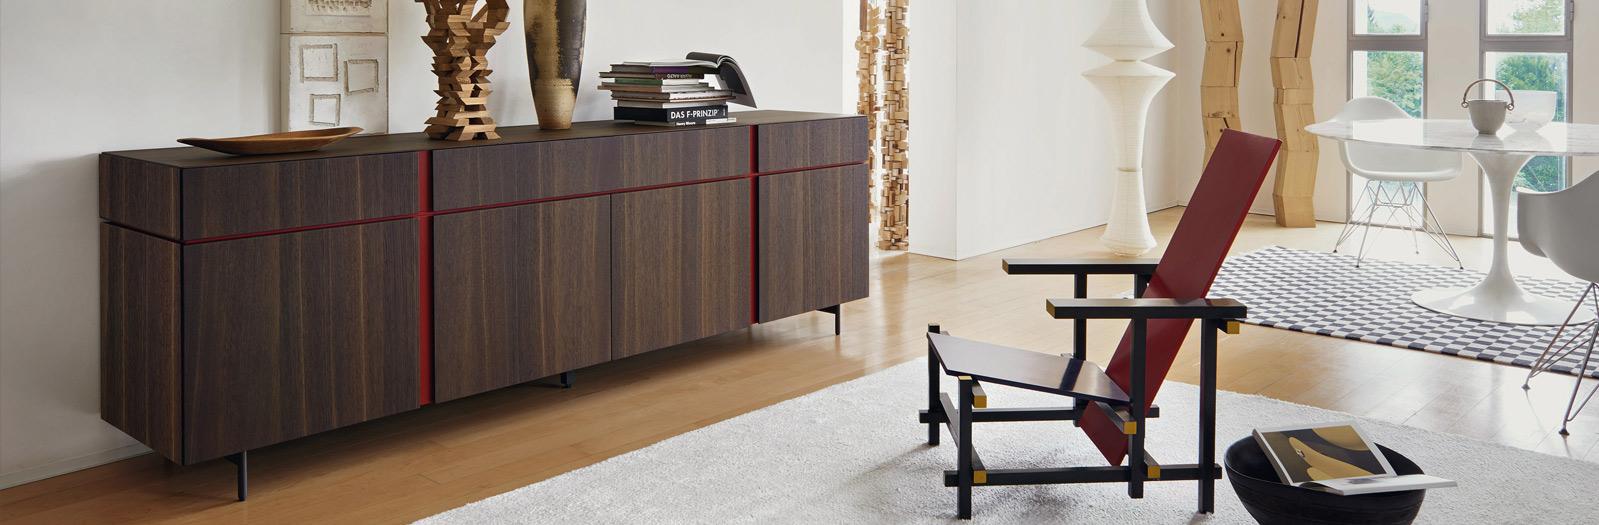 san giacomo tendenza m bel m belhaus designm bel. Black Bedroom Furniture Sets. Home Design Ideas